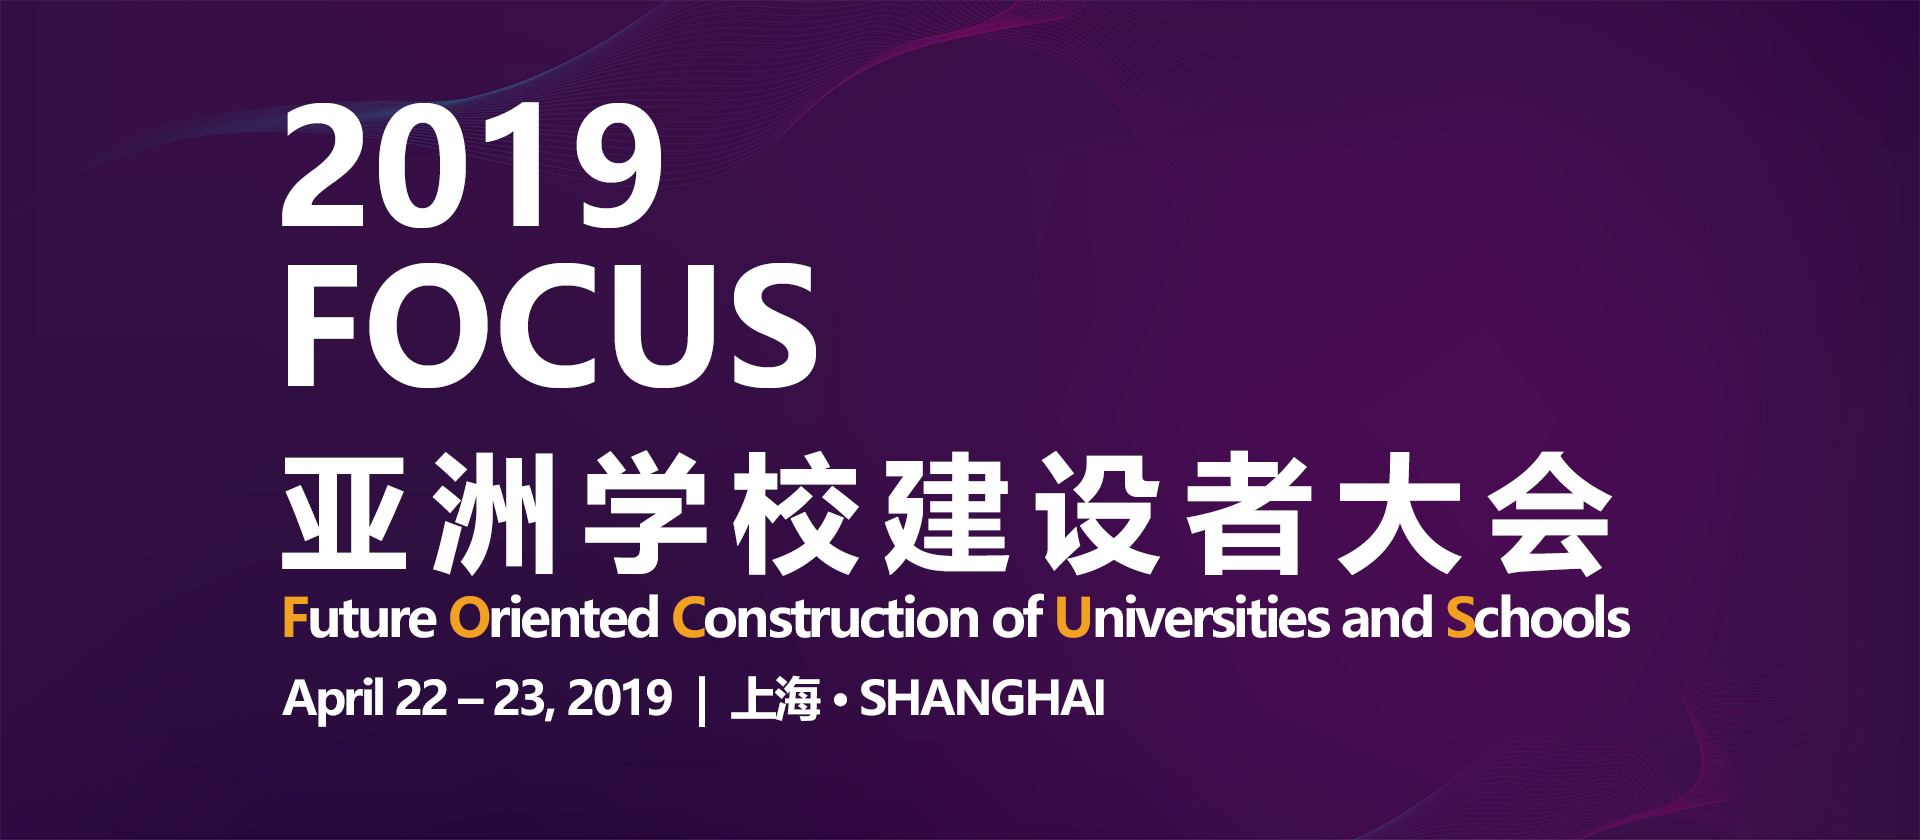 2019 FOCUS 亚洲学校建设者大会